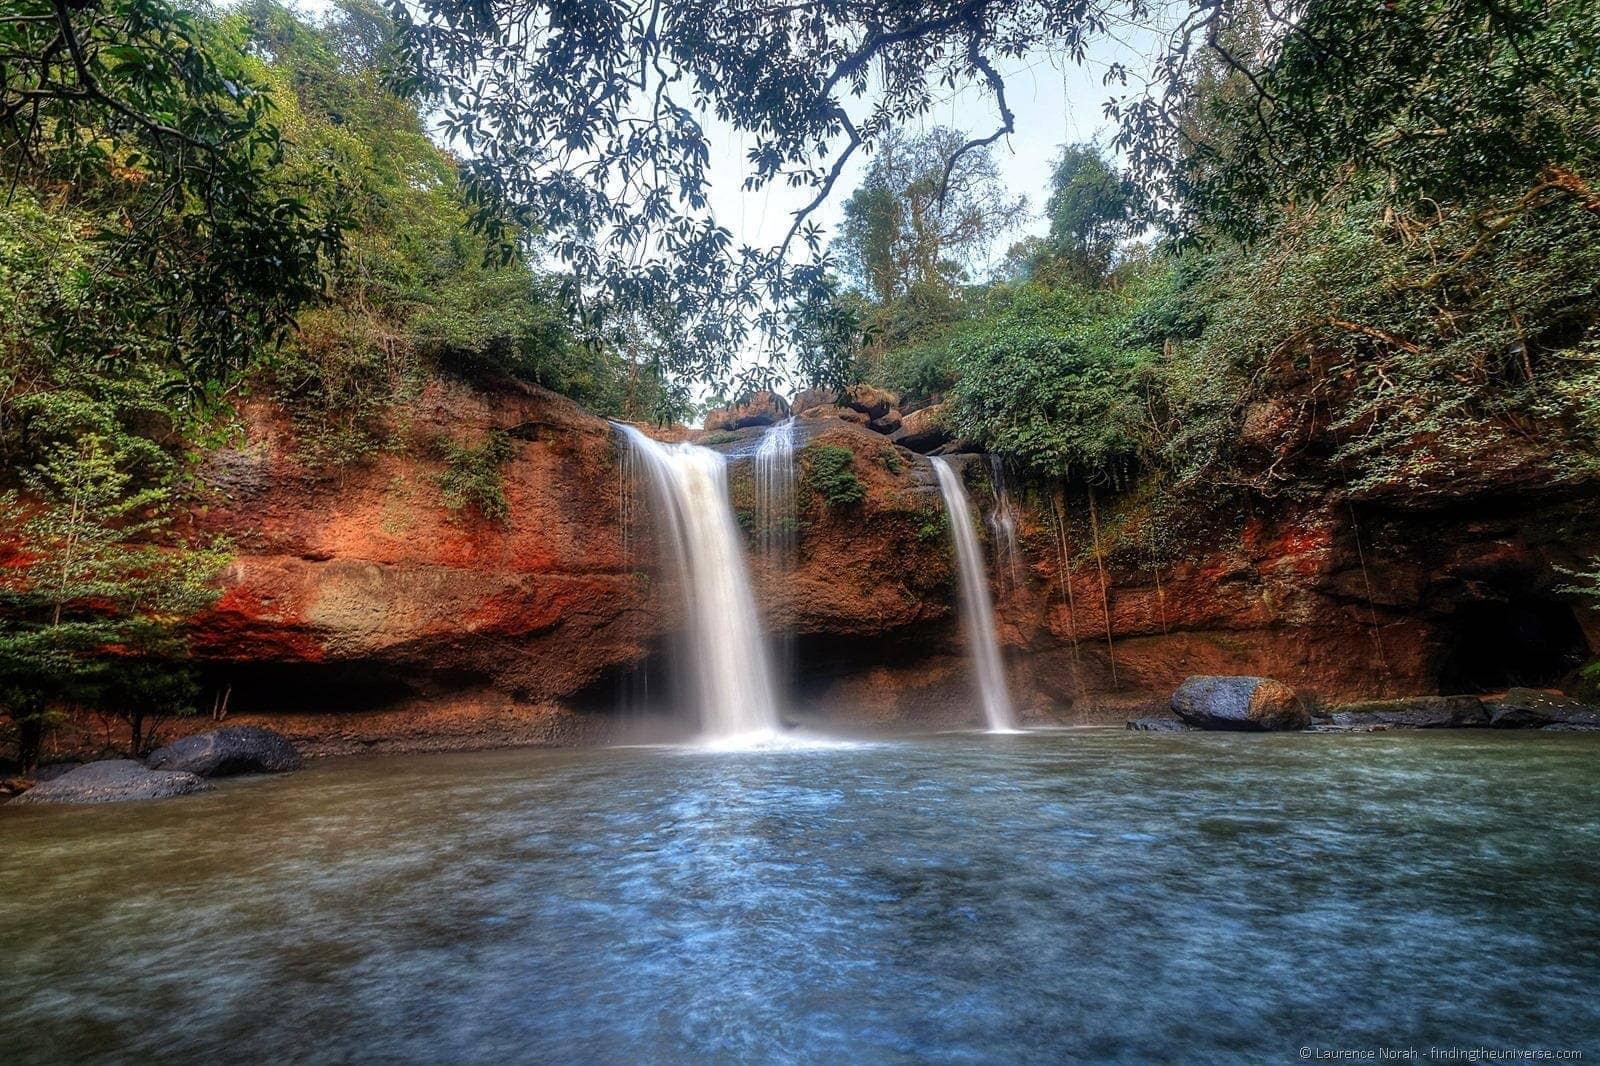 اهم الاسباب التى تدفعك لزياره حديقة خاو ياى الوطنية | حديقة خاو ياى الوطنية تايلاند